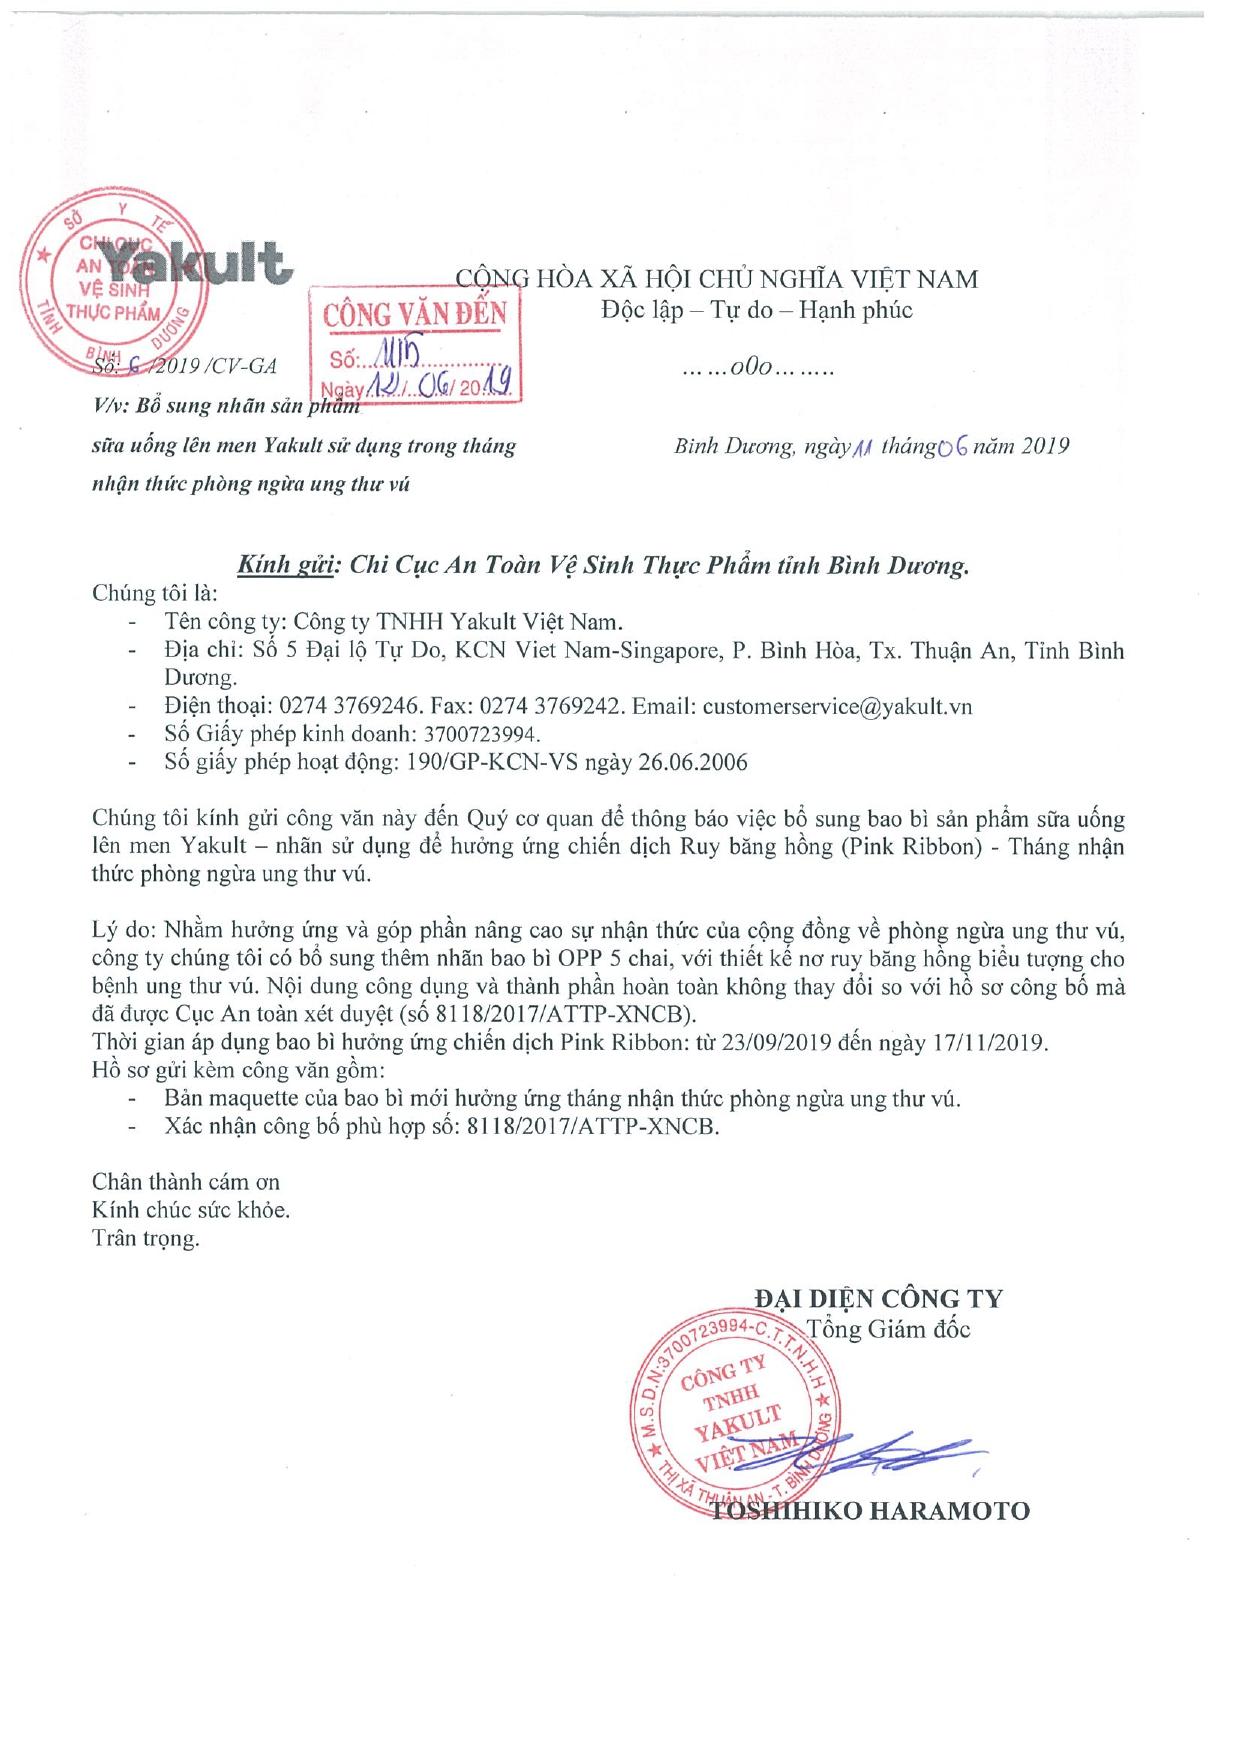 xac nhan cong bo bao bi Pink Ribbon_page-0001_1